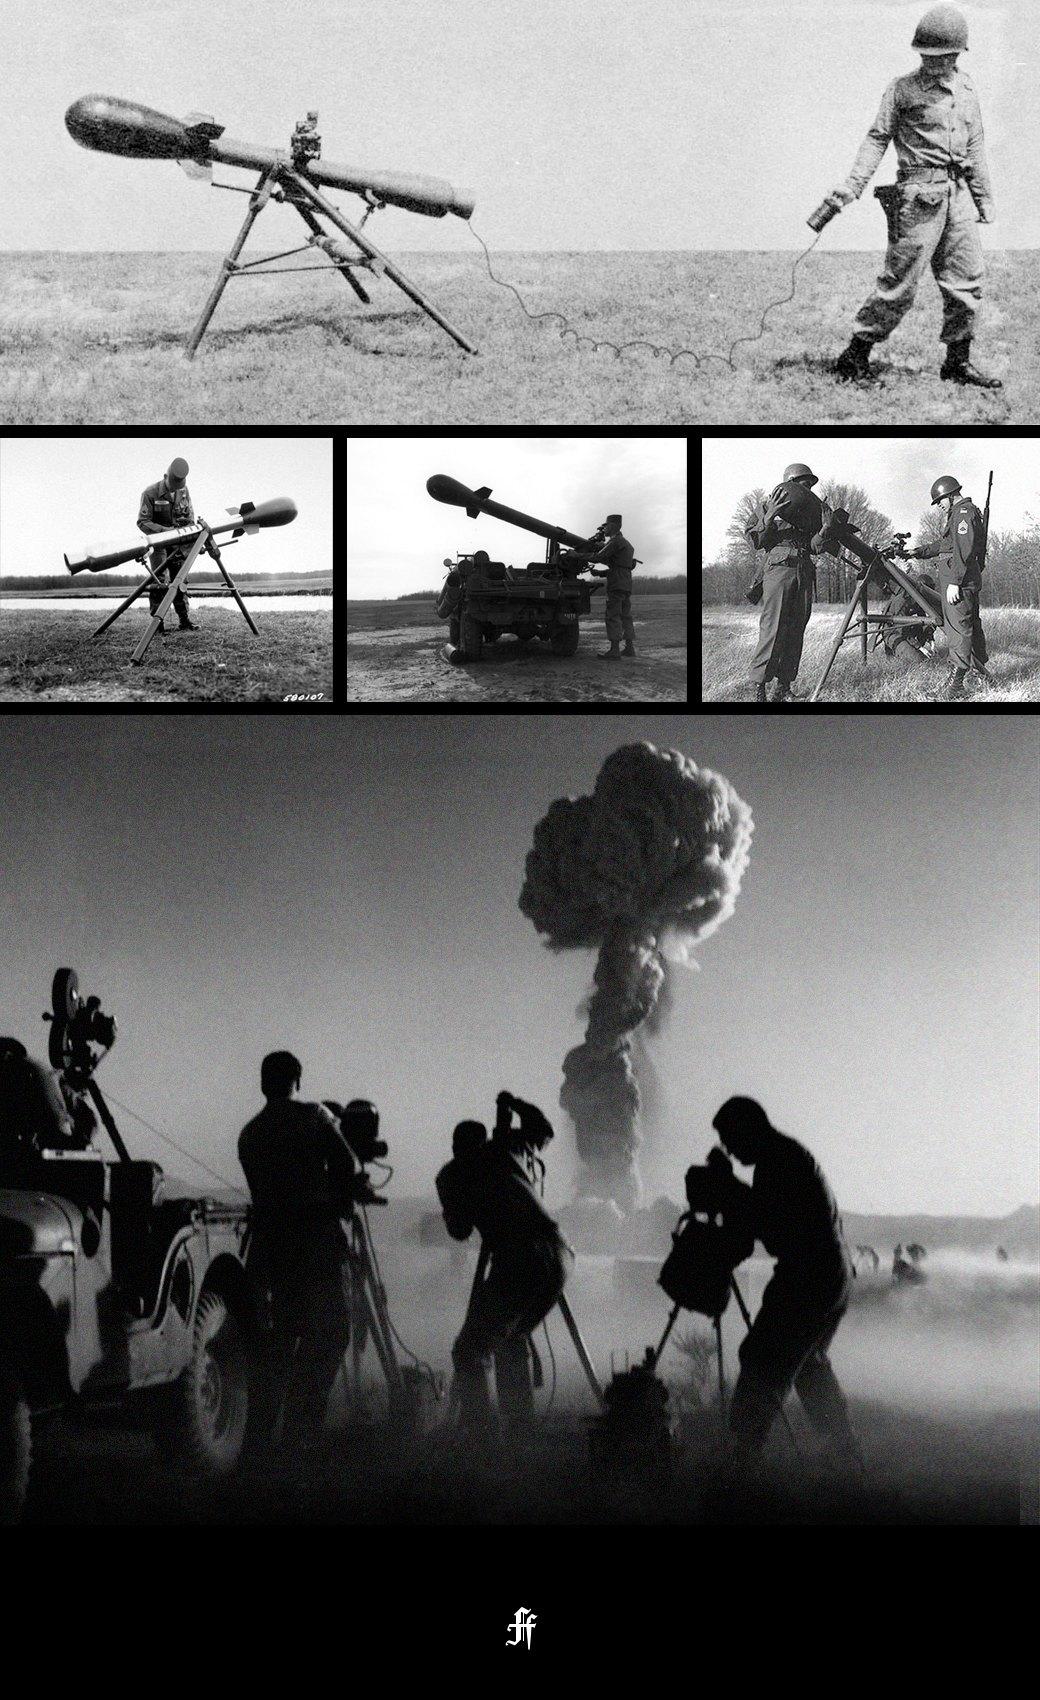 Страх потеряли: Вакуумная бомба, экспансивные пули и другие виды слишком опасного оружия . Изображение №14.